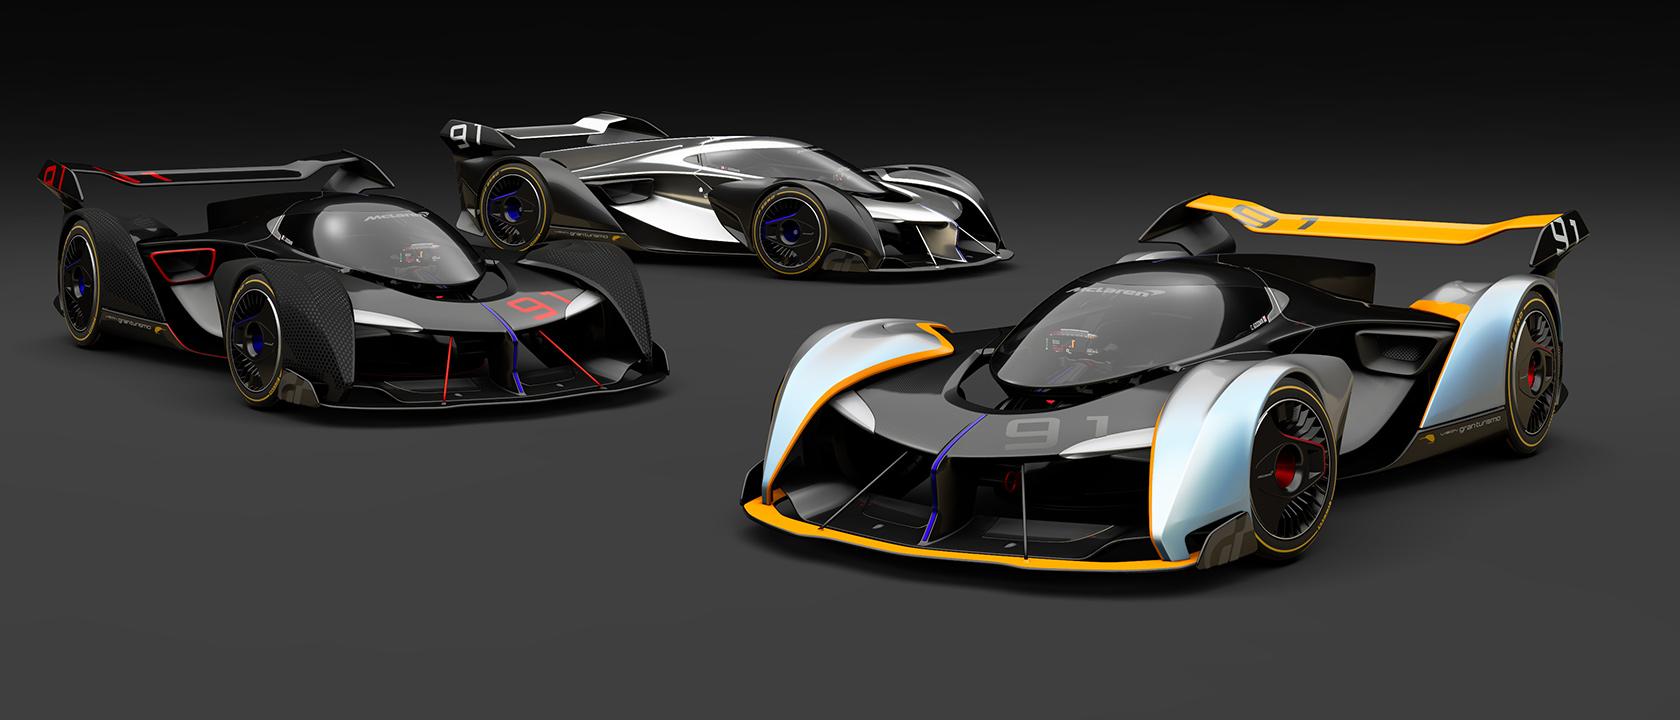 Mclaren Ultimate Vision Gran Turismo Gran Turismo Com